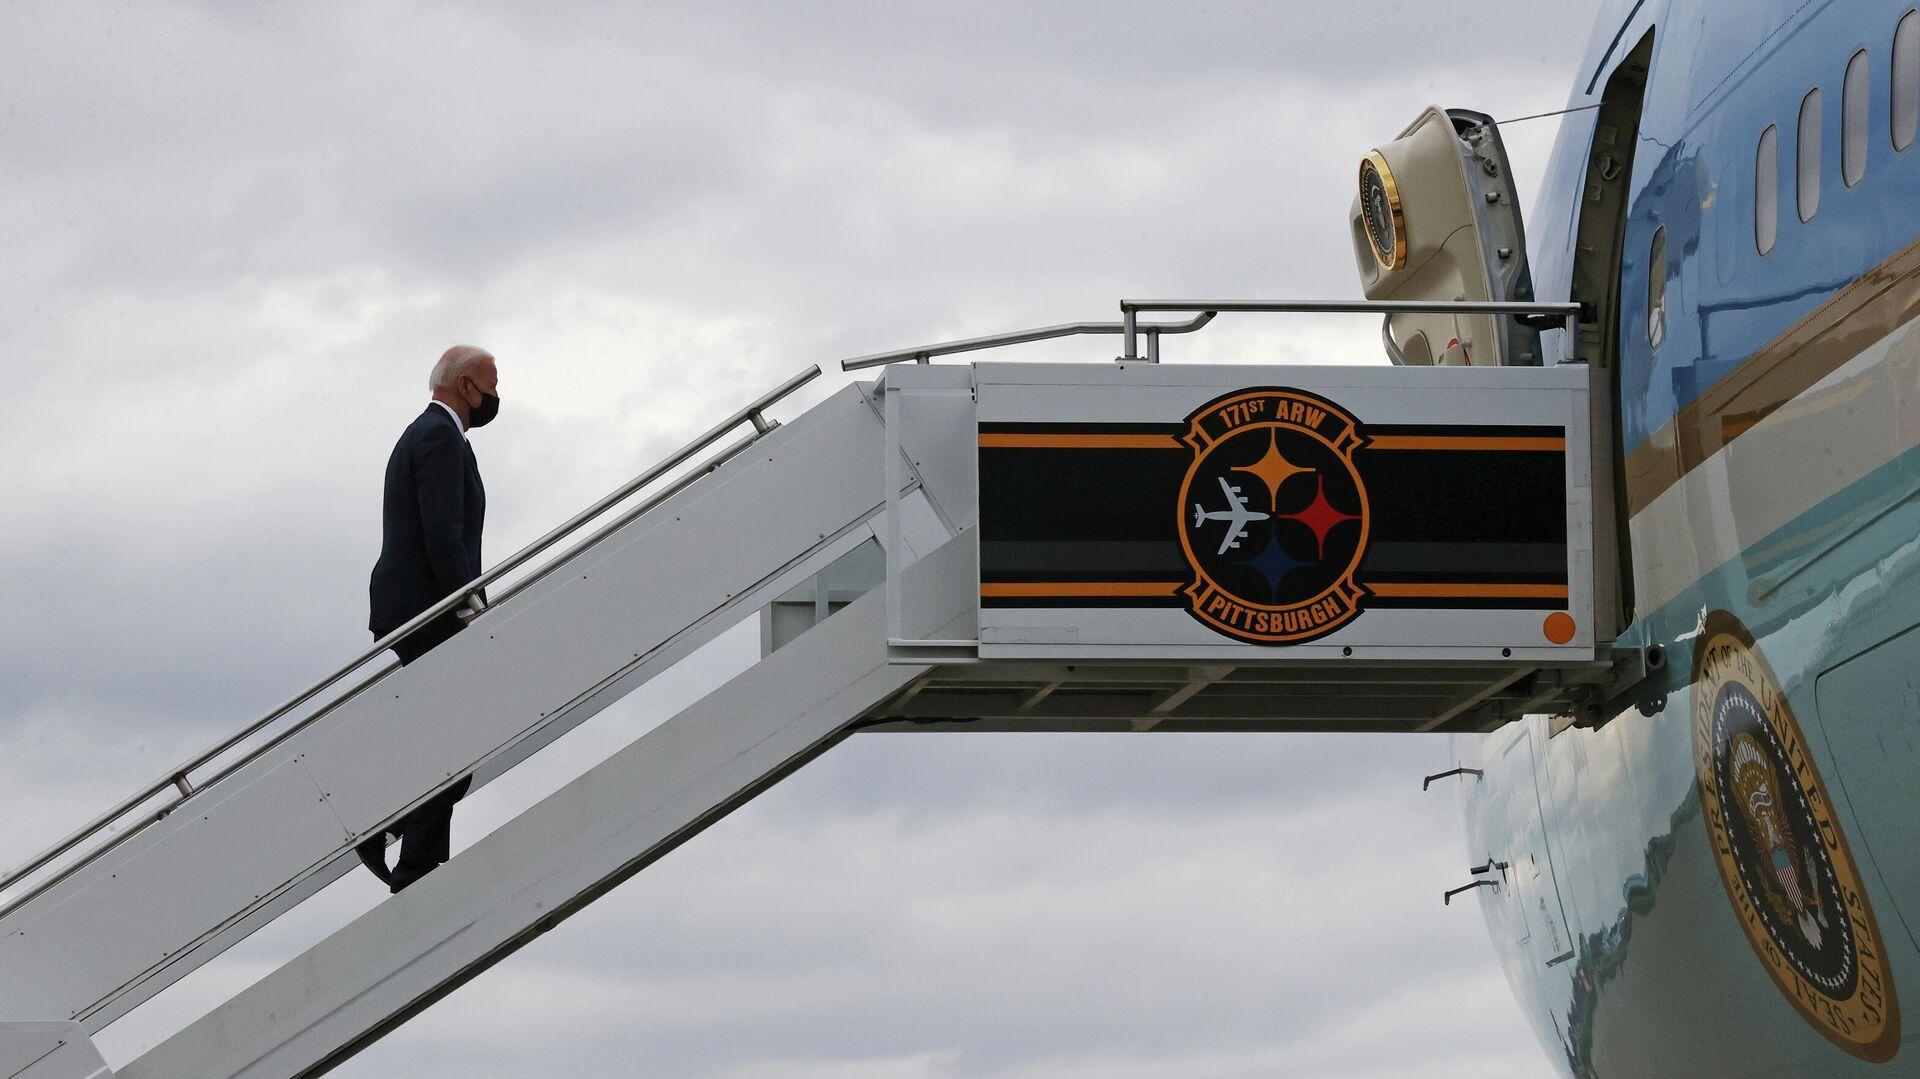 El presidente de EEUU sube por al avión - Sputnik Mundo, 1920, 01.04.2021